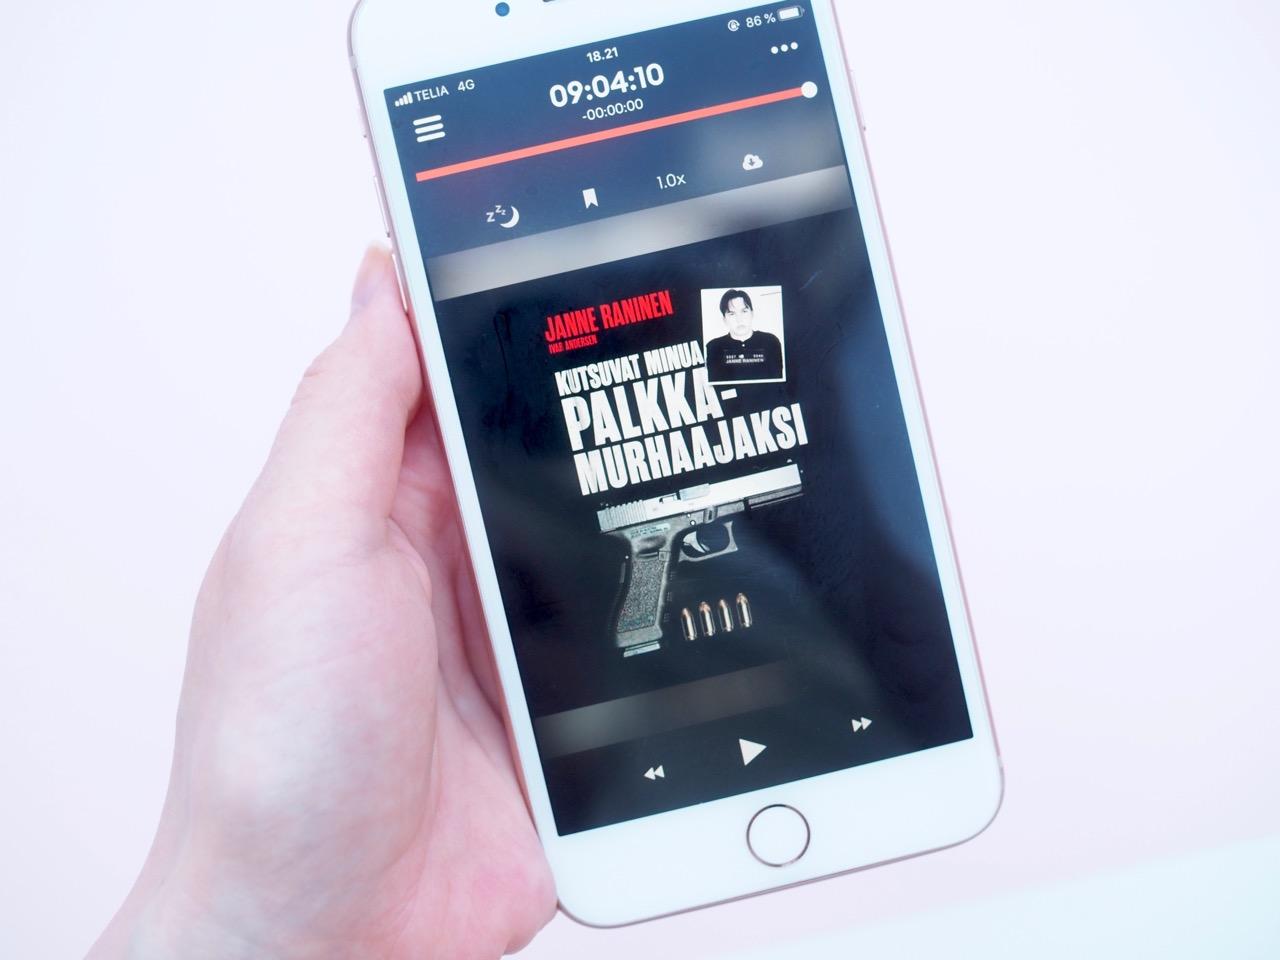 Storytel äänikirjat kokemuksia Ostolakossa Virve Fredman